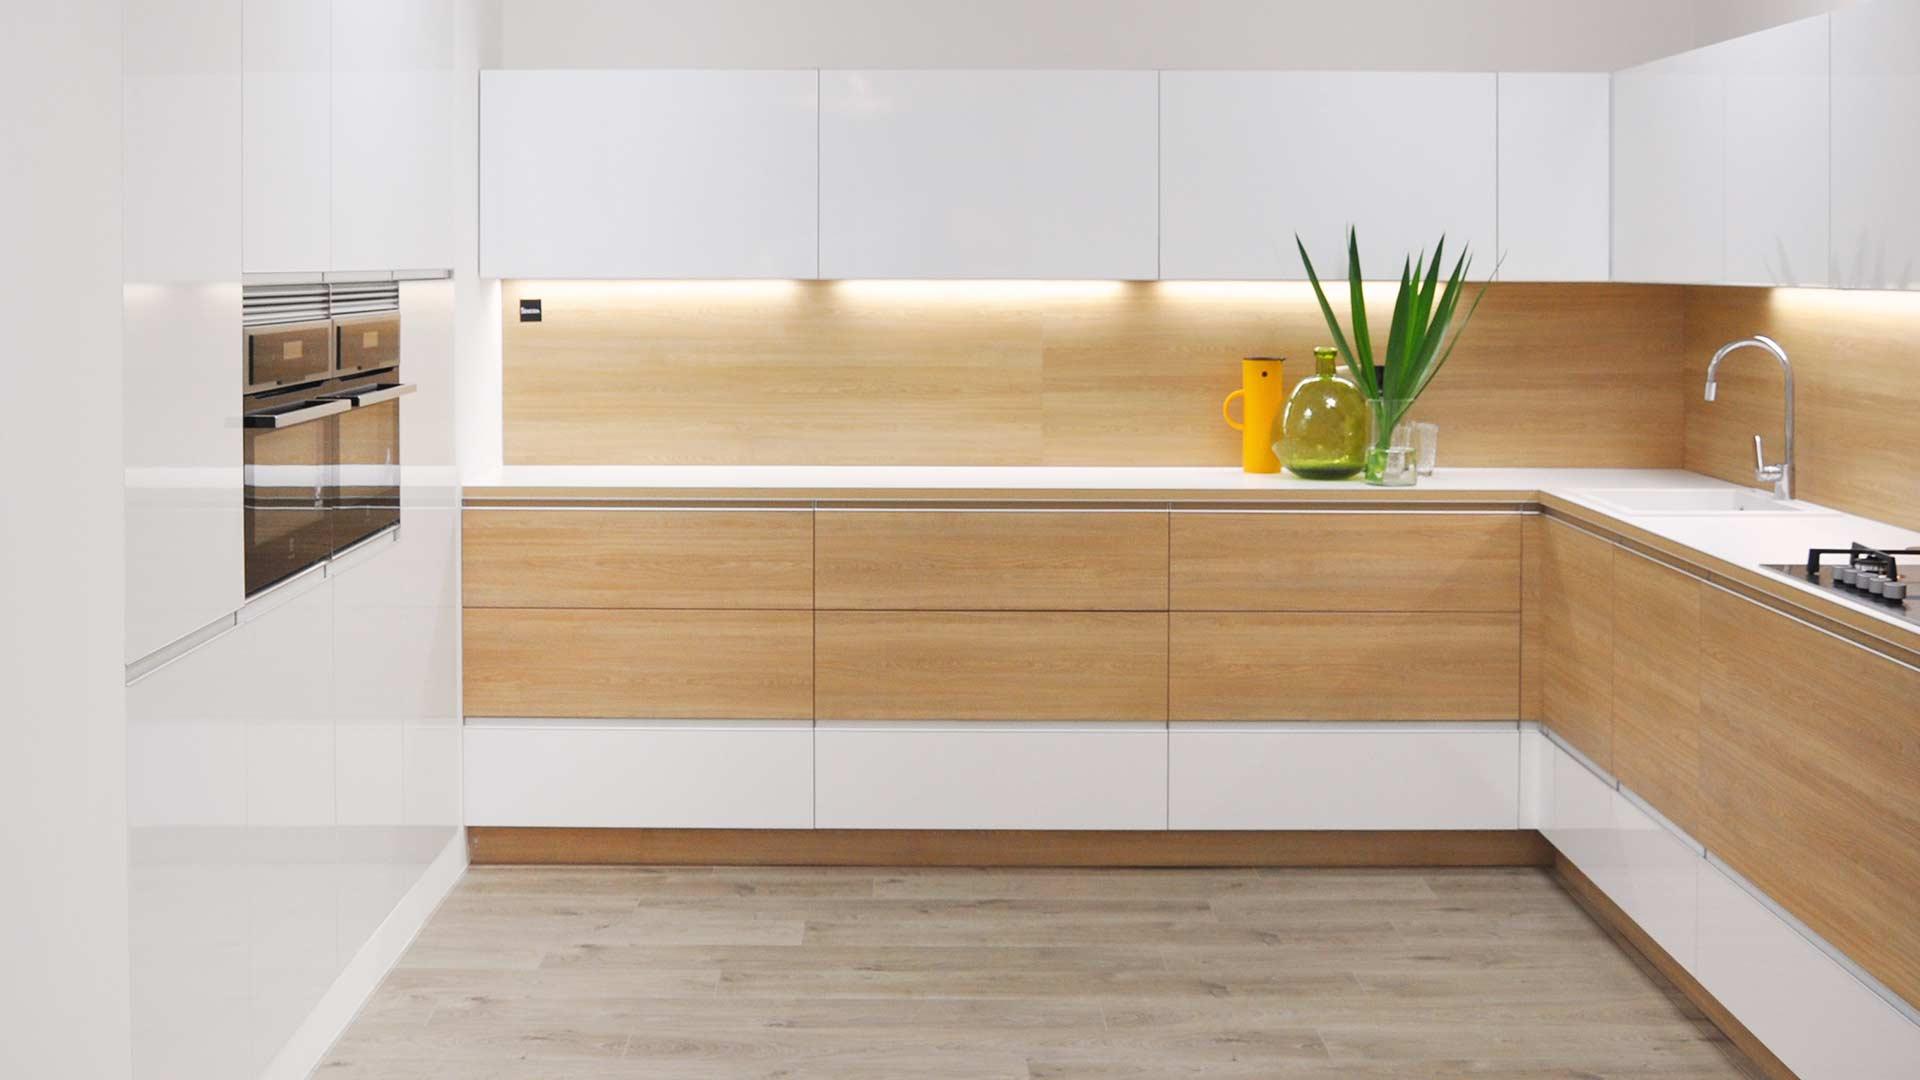 Cocina en C en color blanco y madera